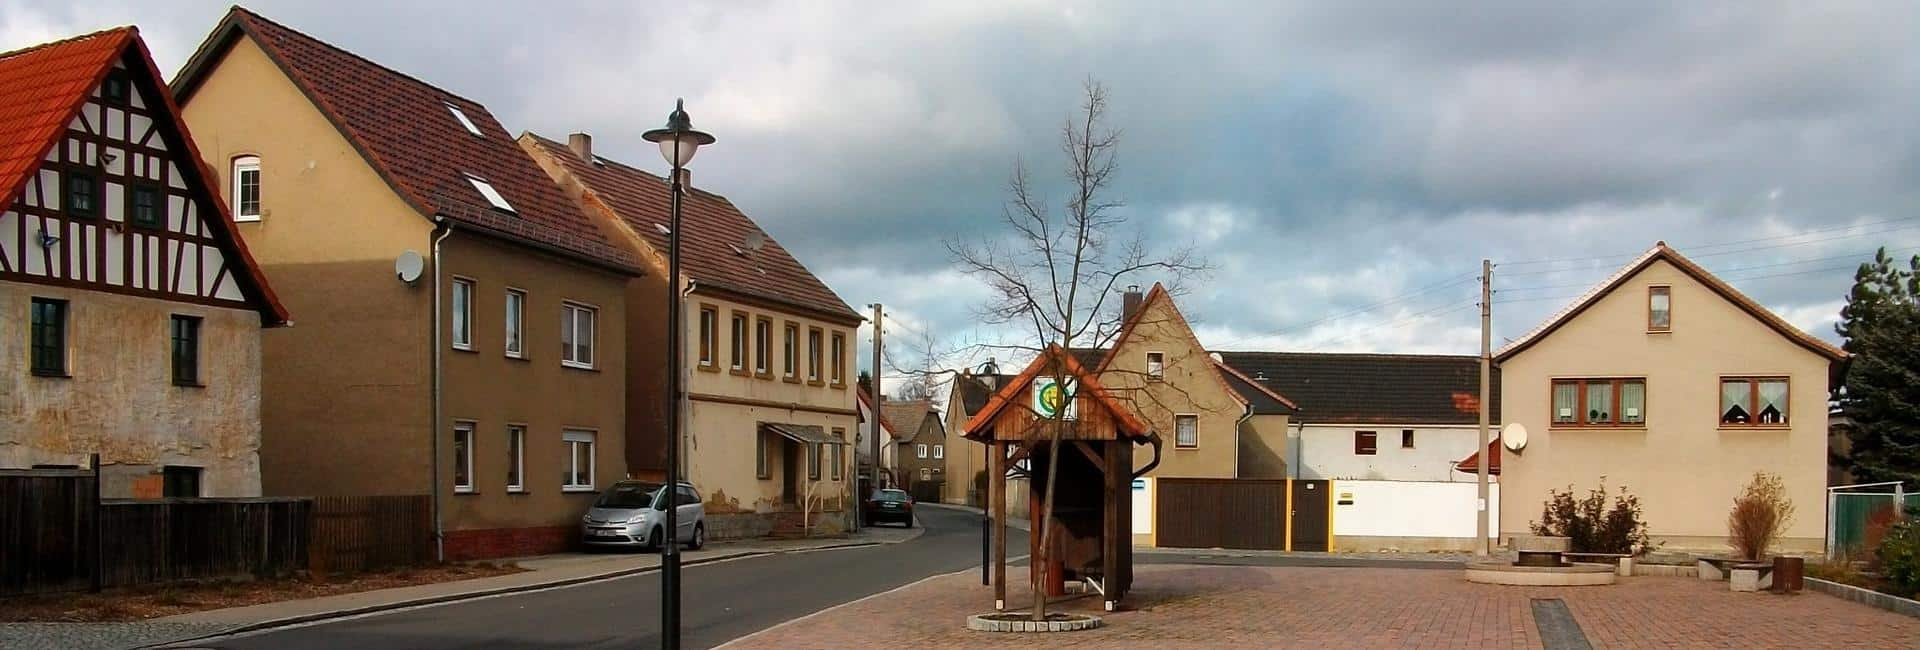 Dorfplatz Elstertrebnitz